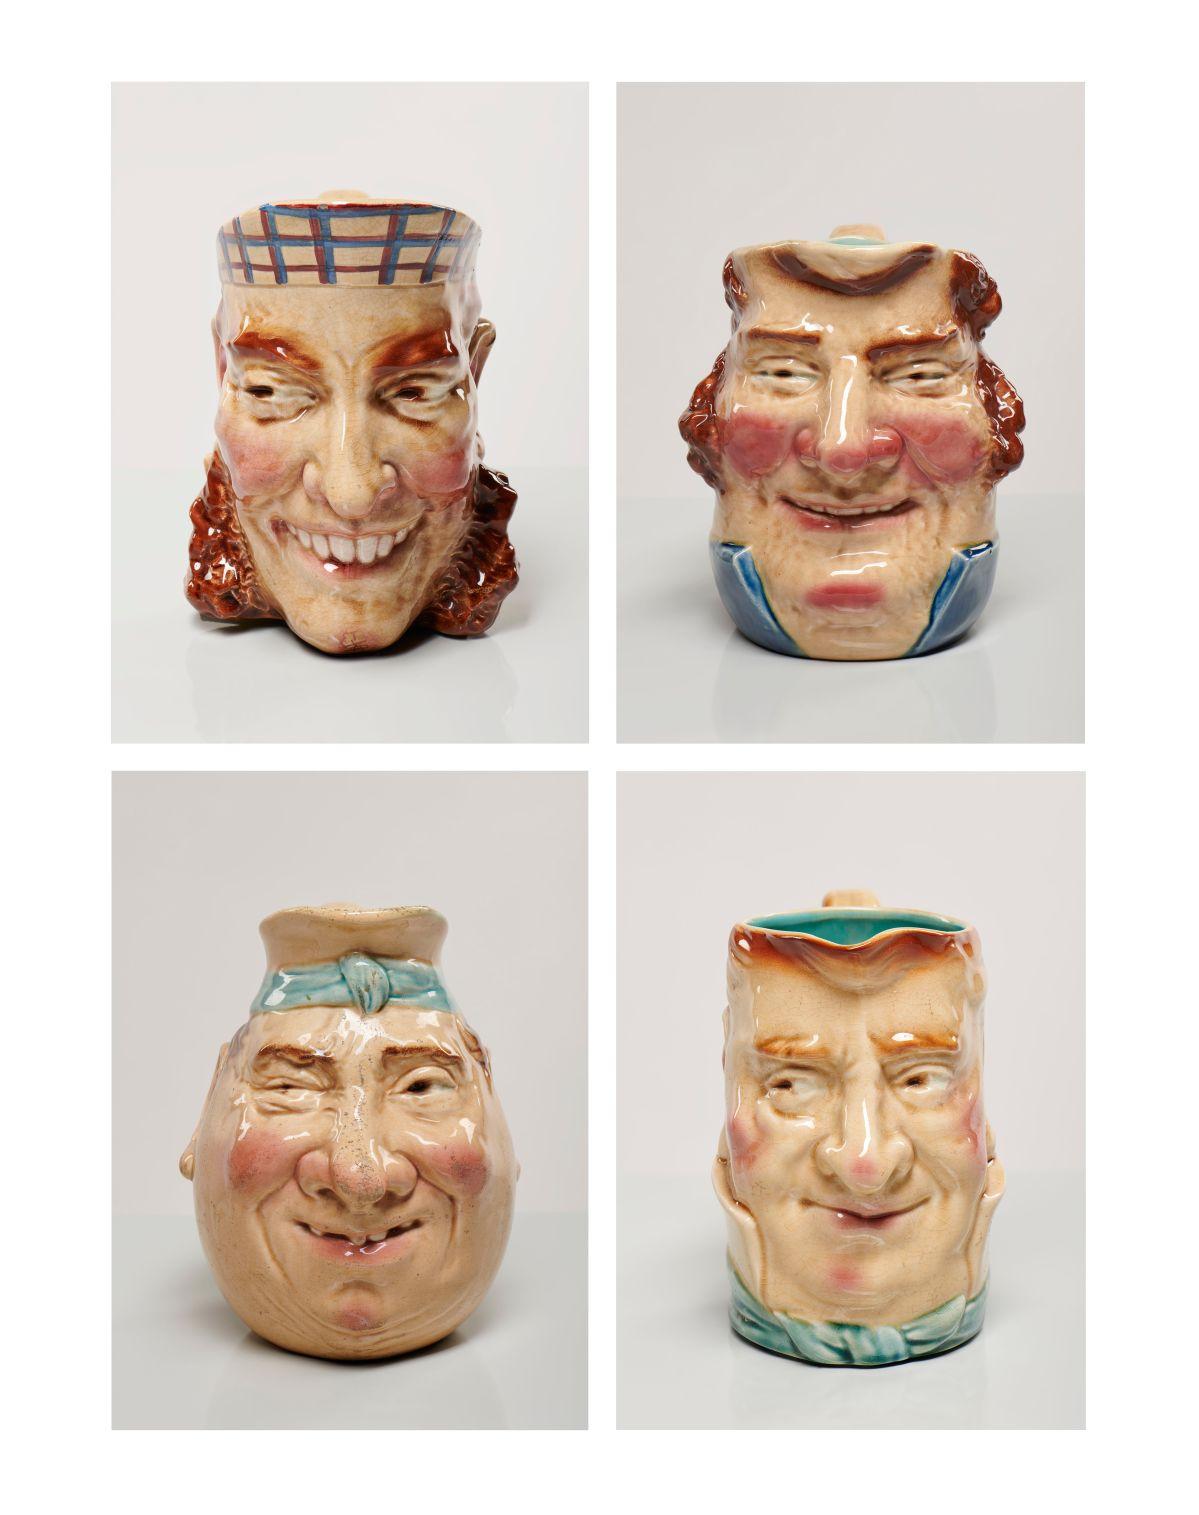 Pichets. Céramique glaçurée. France, Moselle, Sarreguemines. Fin du XIXe — début du XXe siècle. Mucem © Mucem / Marianne Kuhn